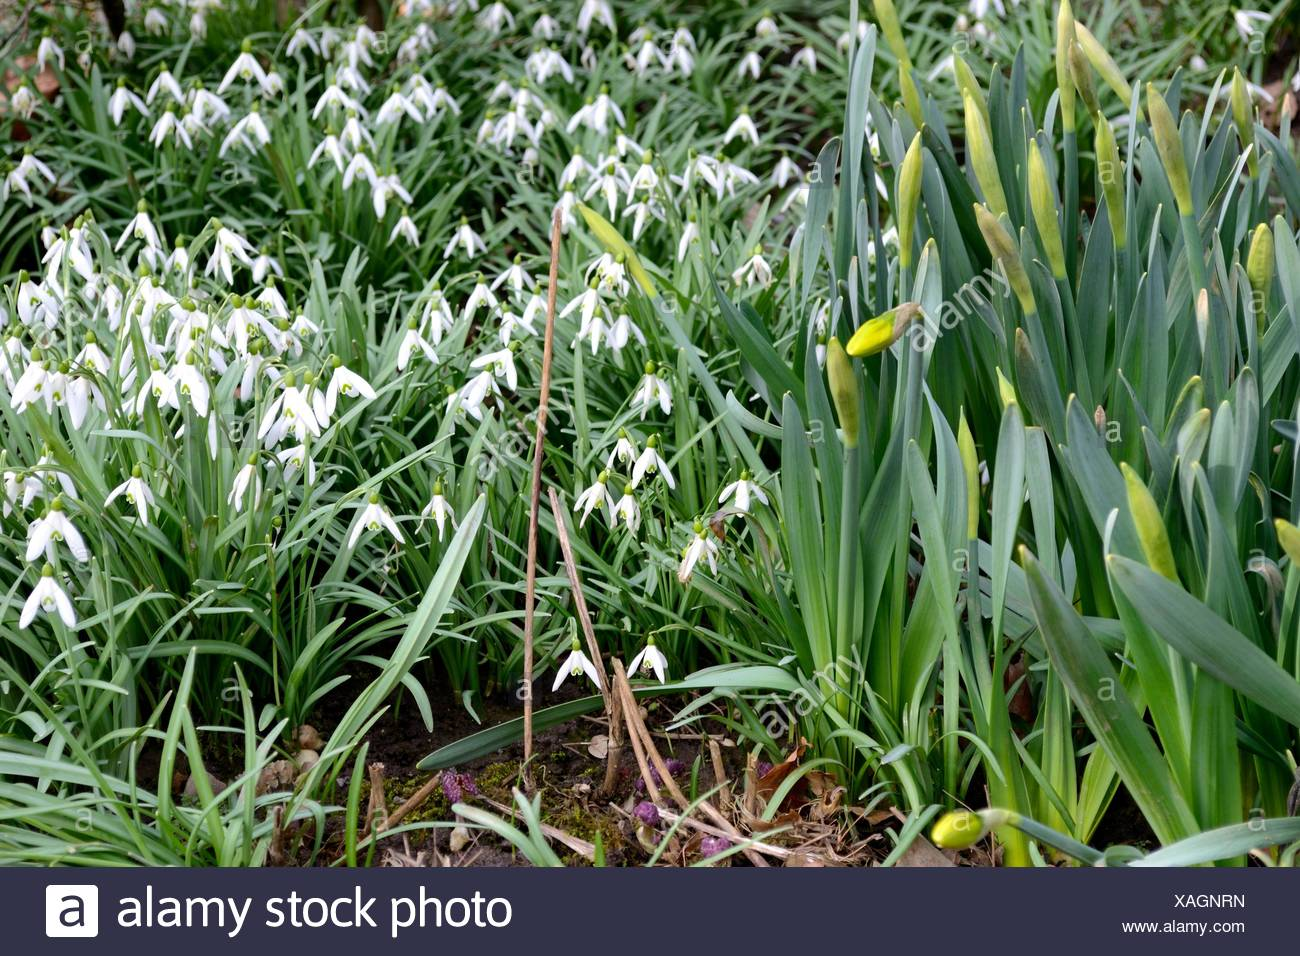 Garden Flower Plant Snowdrop Gardens Narcissus Daffodil